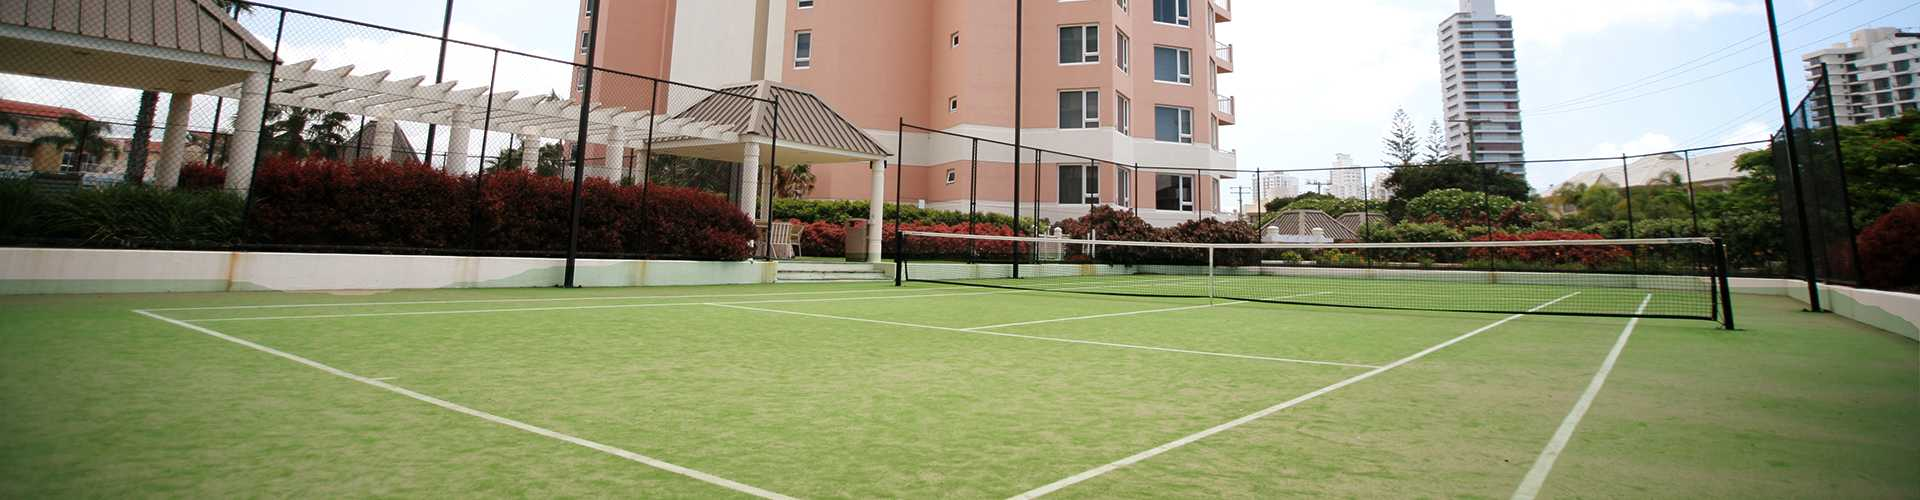 tennis-court-banner